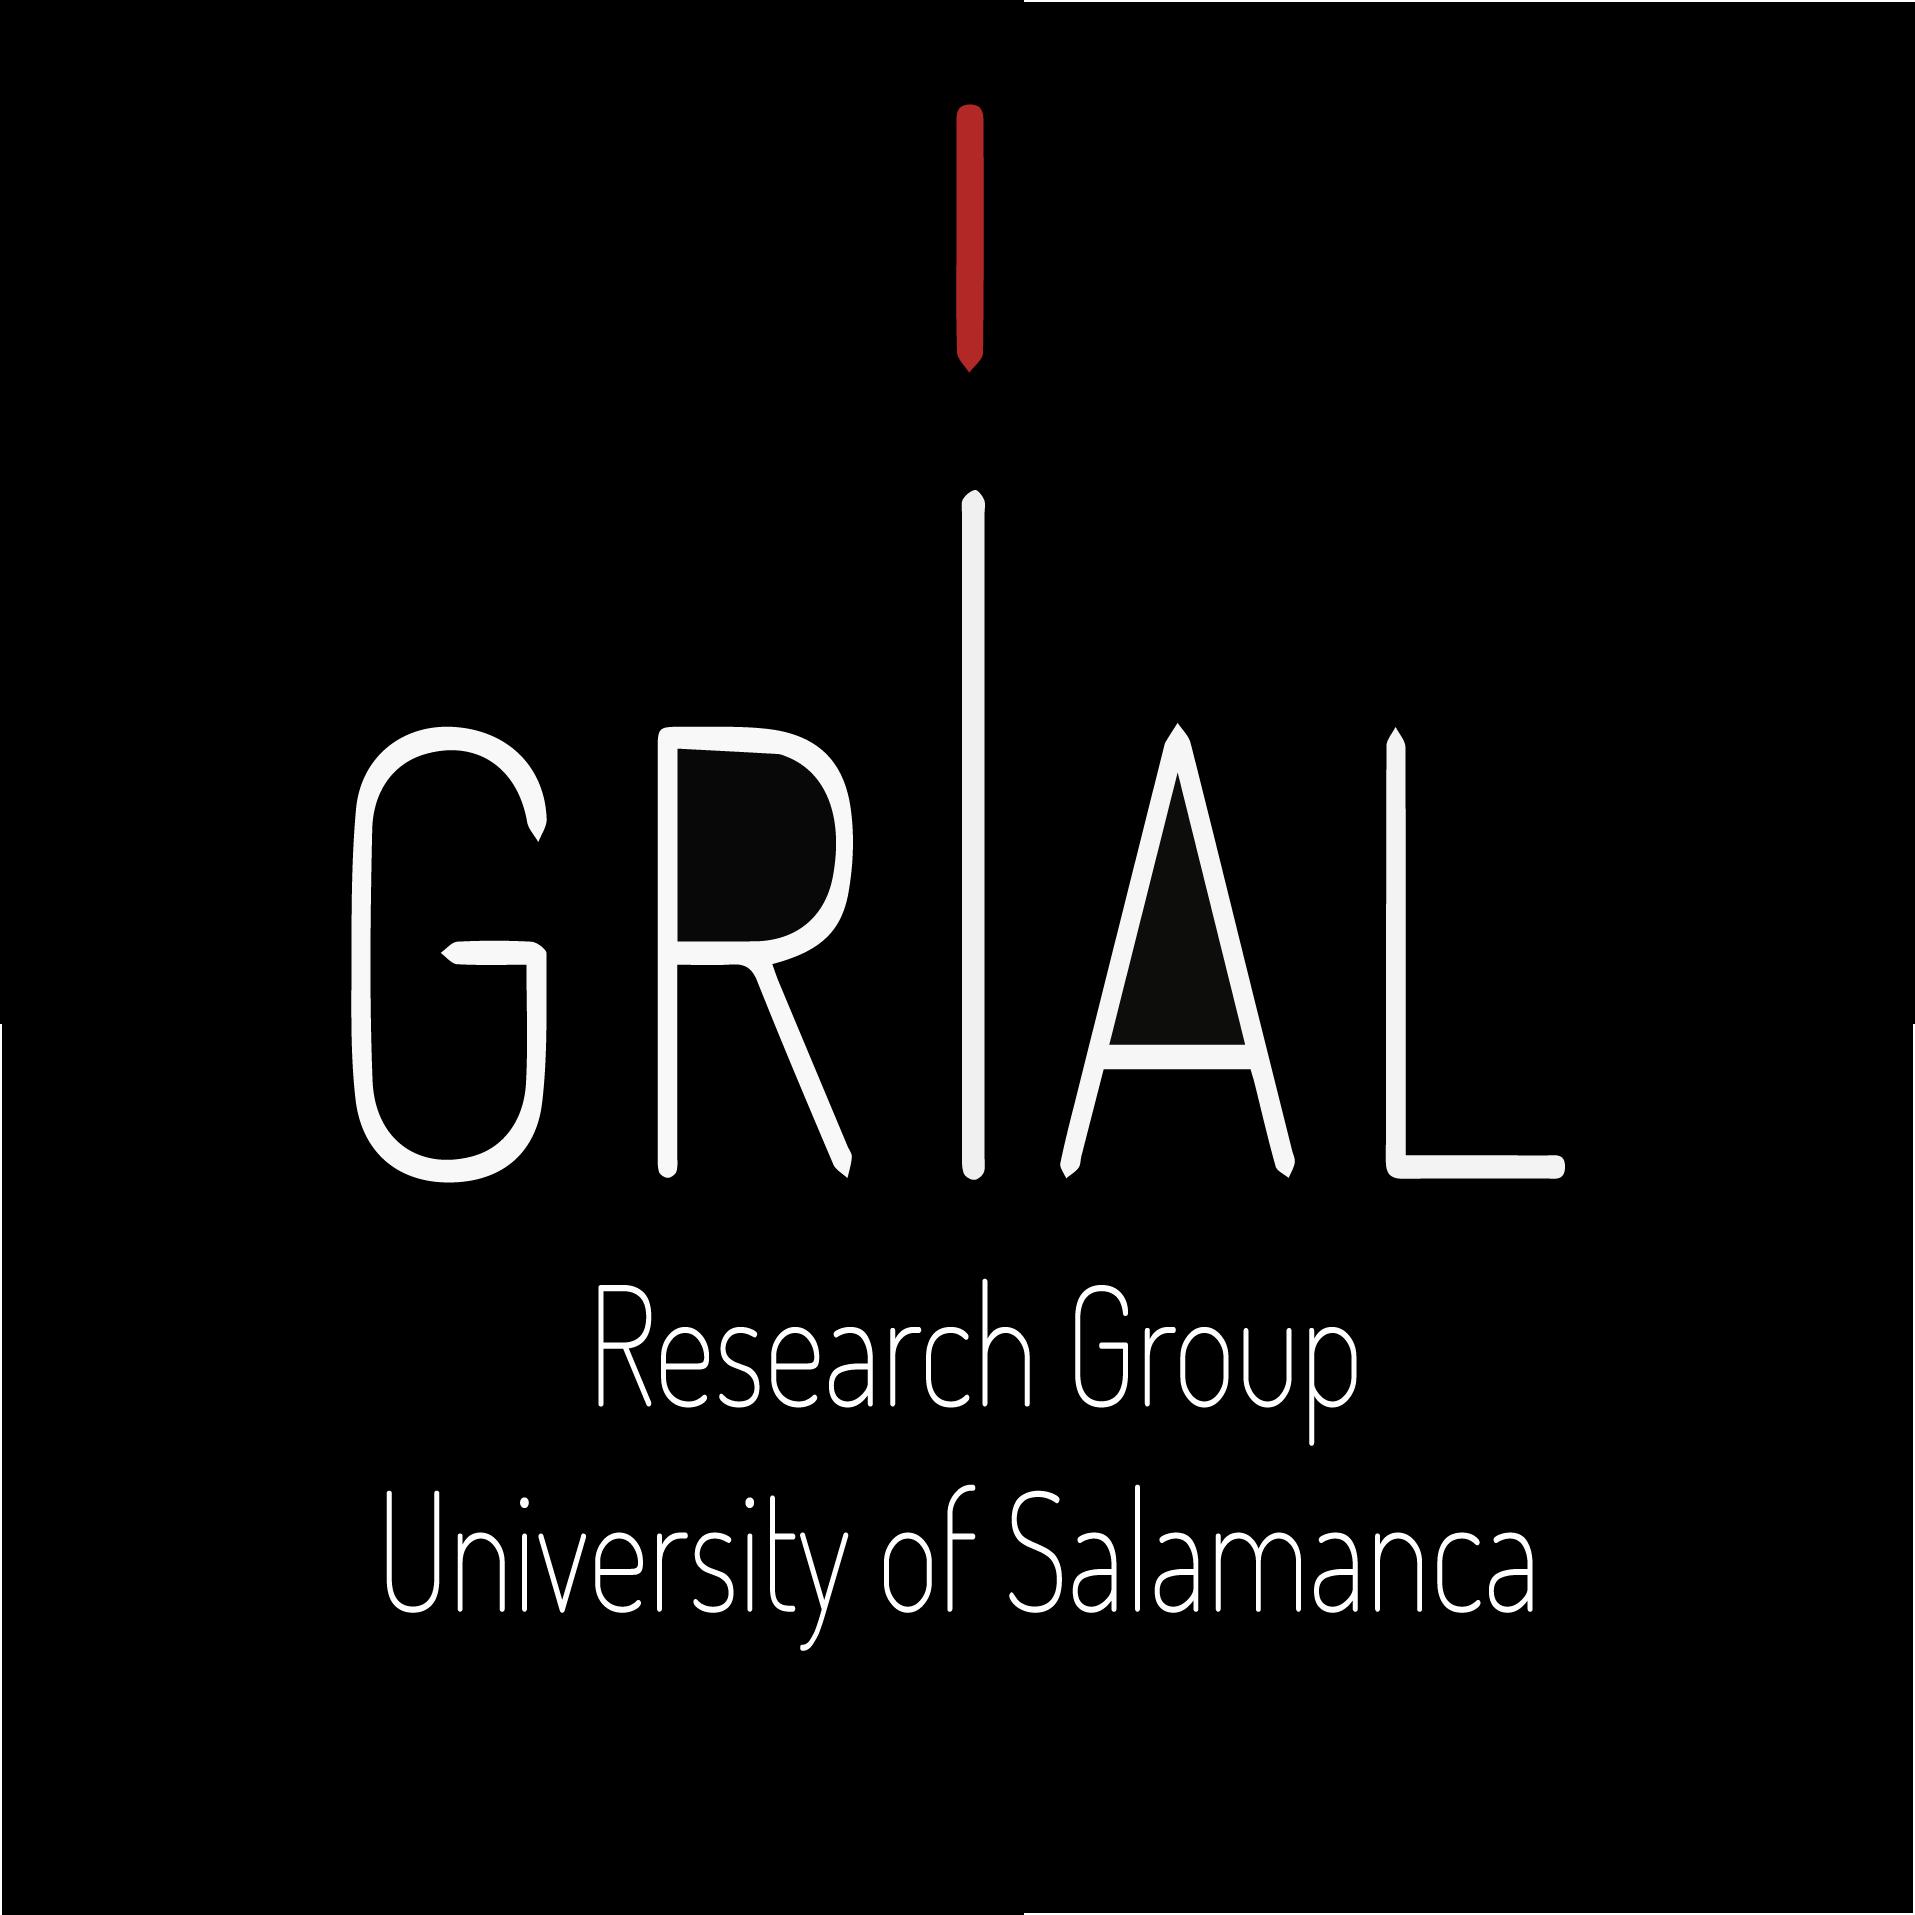 GRIAL - University of Salamanca